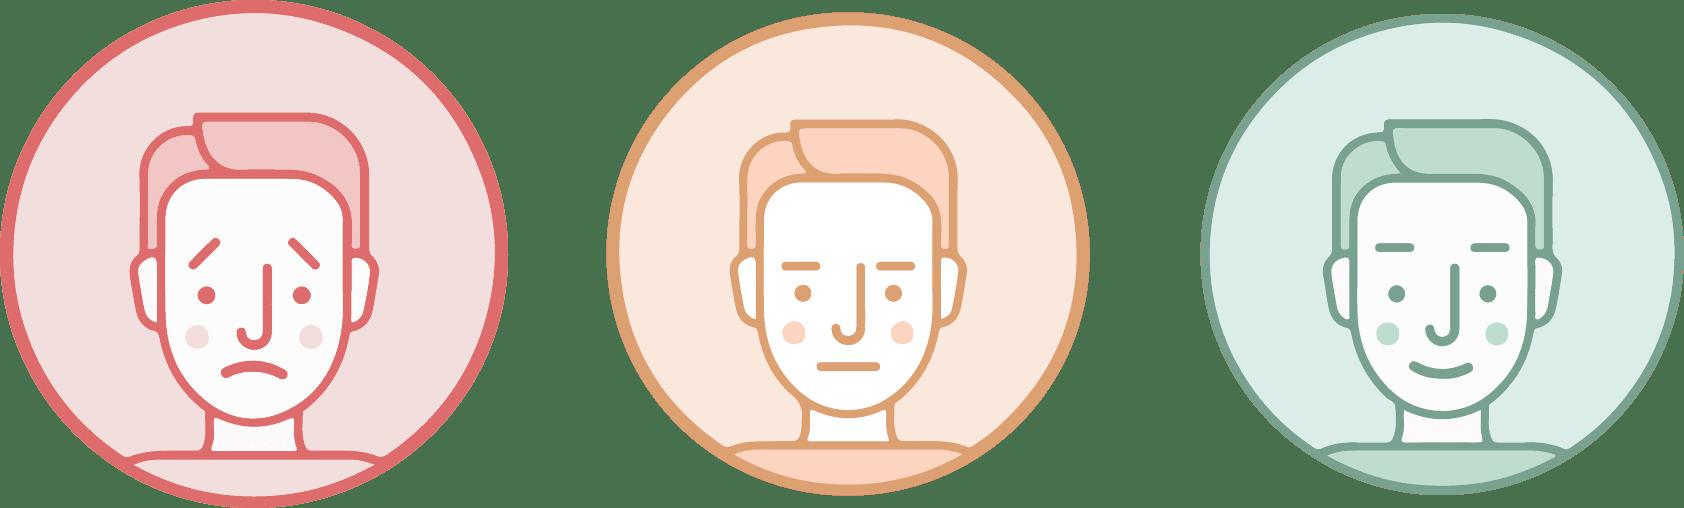 caras representando satisfacción con la organización